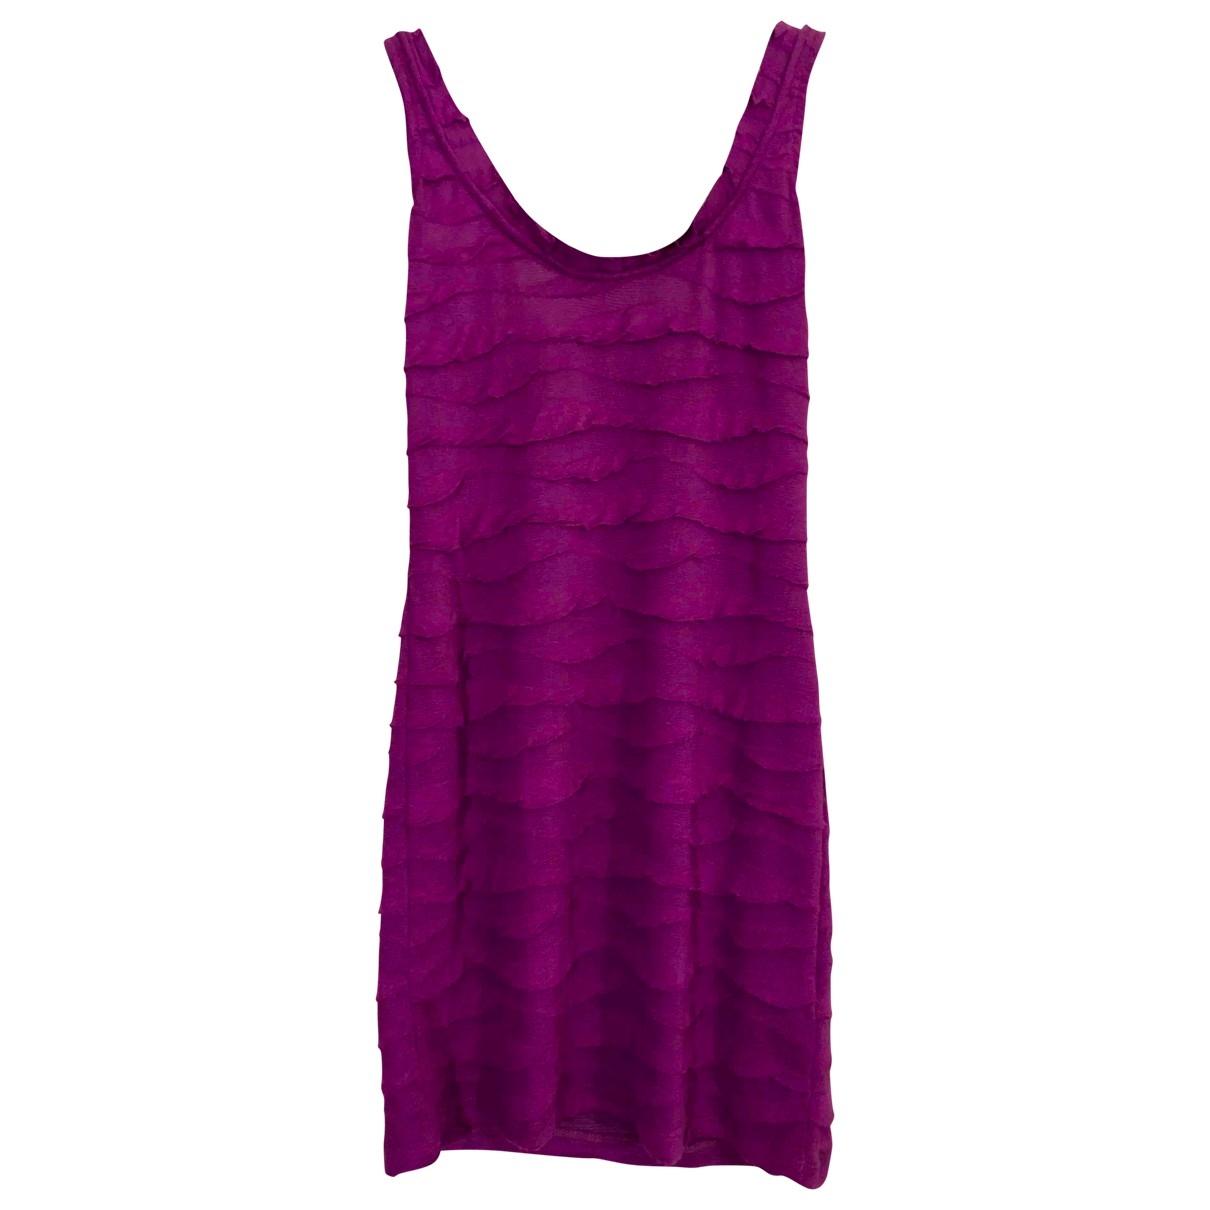 Zara \N Kleid in  Lila Baumwolle - Elasthan